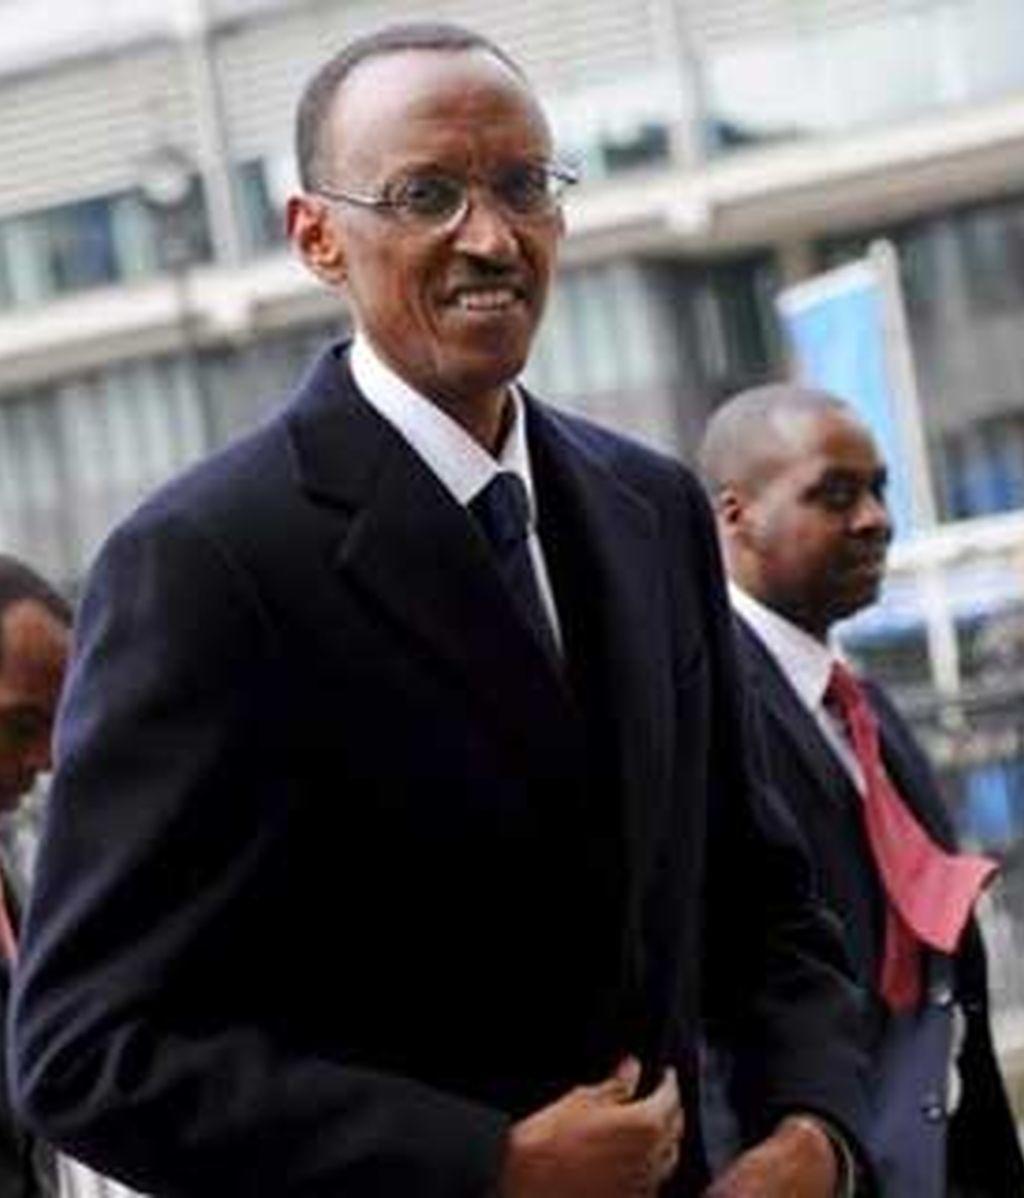 La presencia de Kagame en Madrid ha despertado la polémica. FOTO: EFE / Archivo